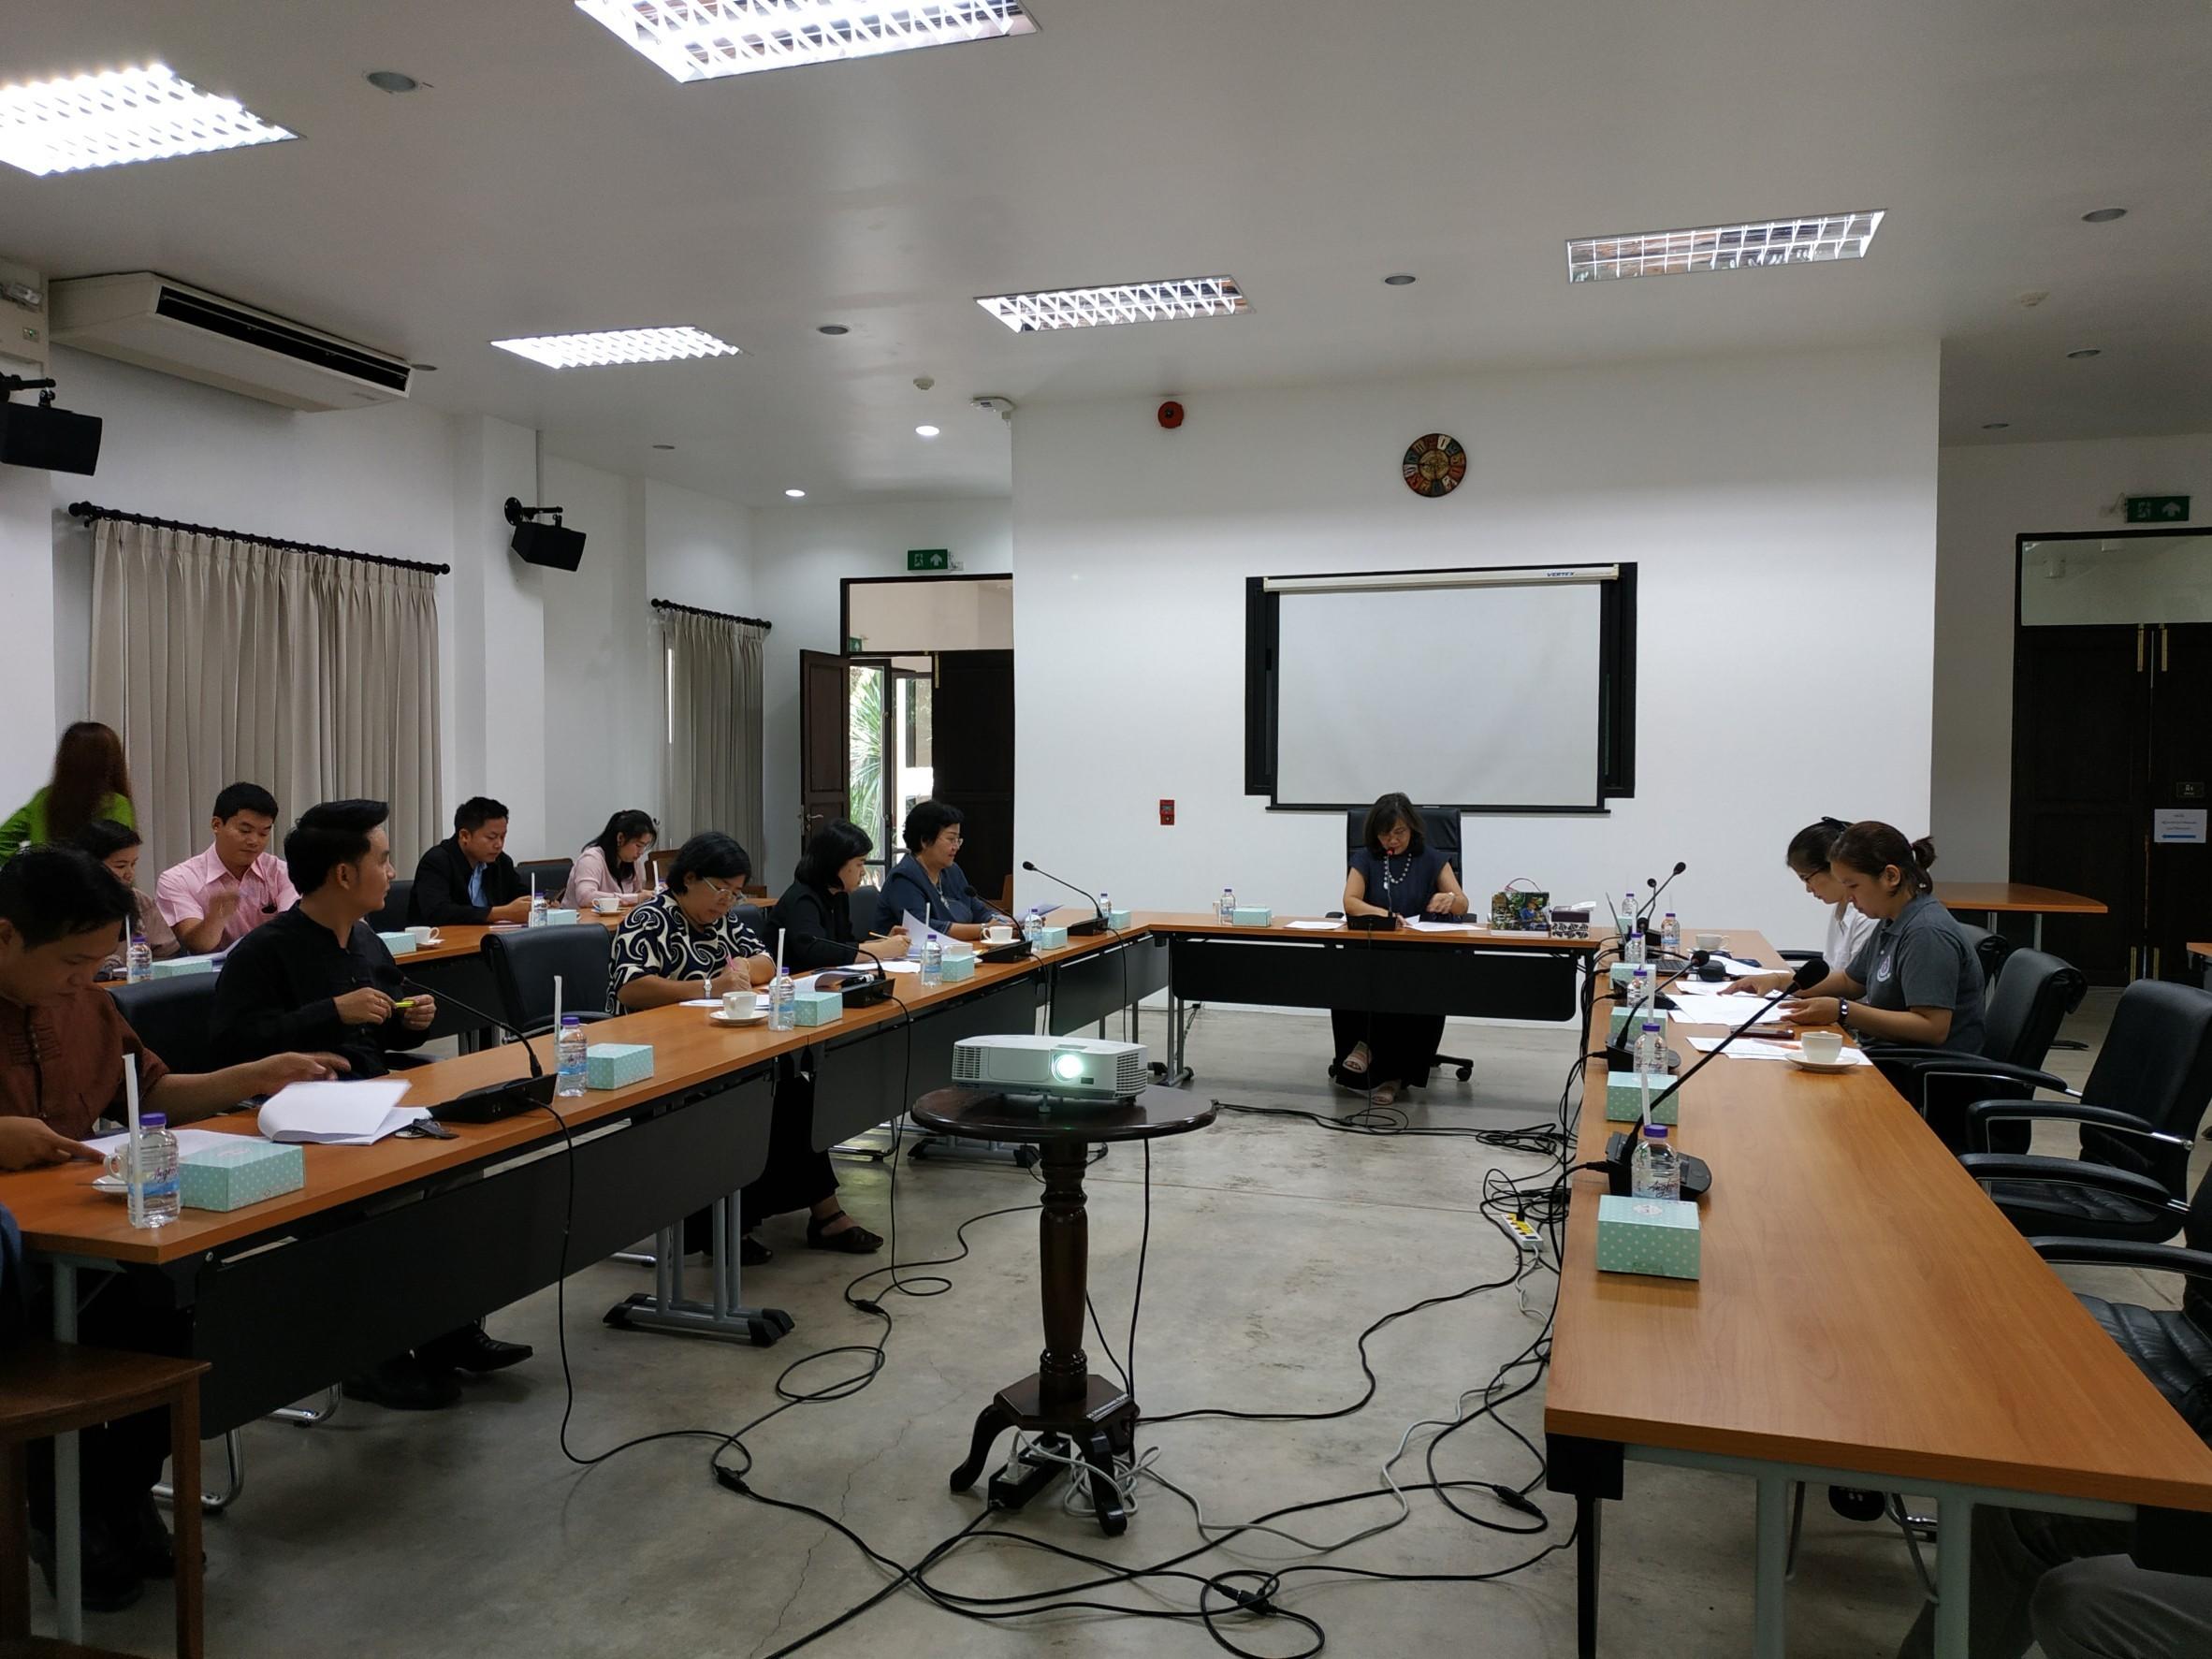 การประชุมคณะกรรมการการประชุมสัมมนาวิชาการเครือข่ายศิลปวัฒนธรรม : สานสัมพันธ์วัฒนธรรมล้านนาศึกษา ครั้งที่ 2